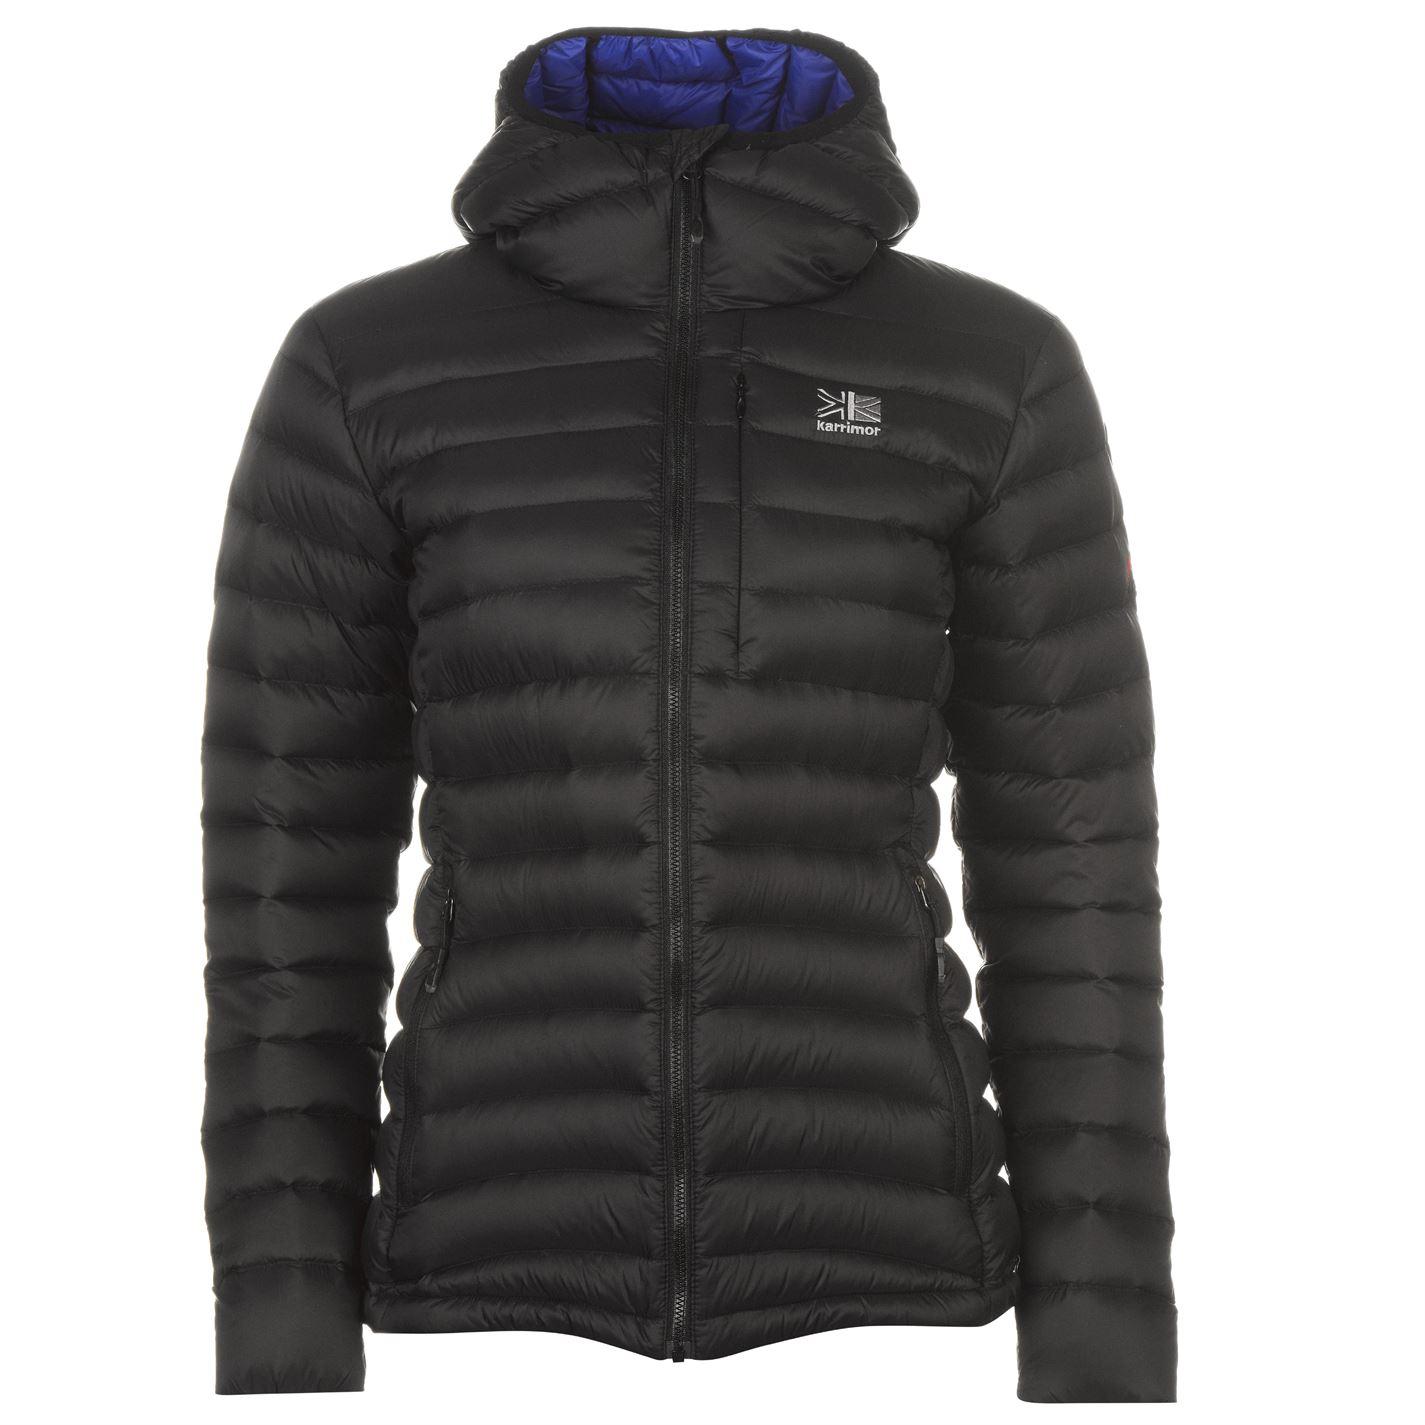 Gelert Horizon Water Repellent Jacket Ladies Coat Top Chin Guard Ventilated